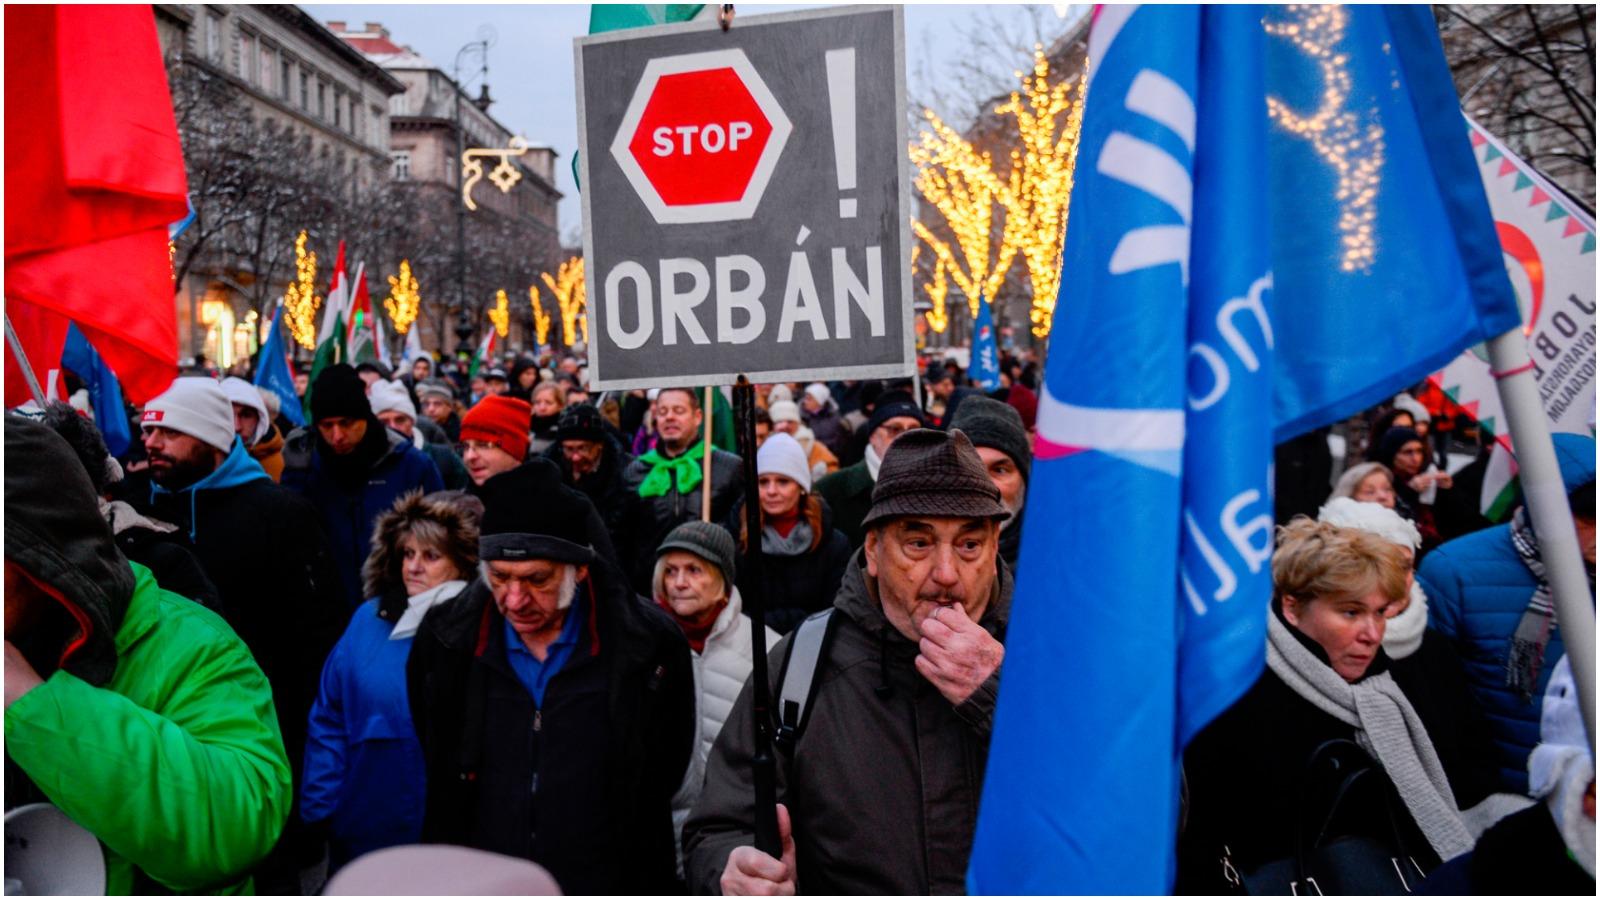 Ota Tiefenböck: De seneste dages uroligheder i Ungarn viser, at selv ikke Orbán er usårlig